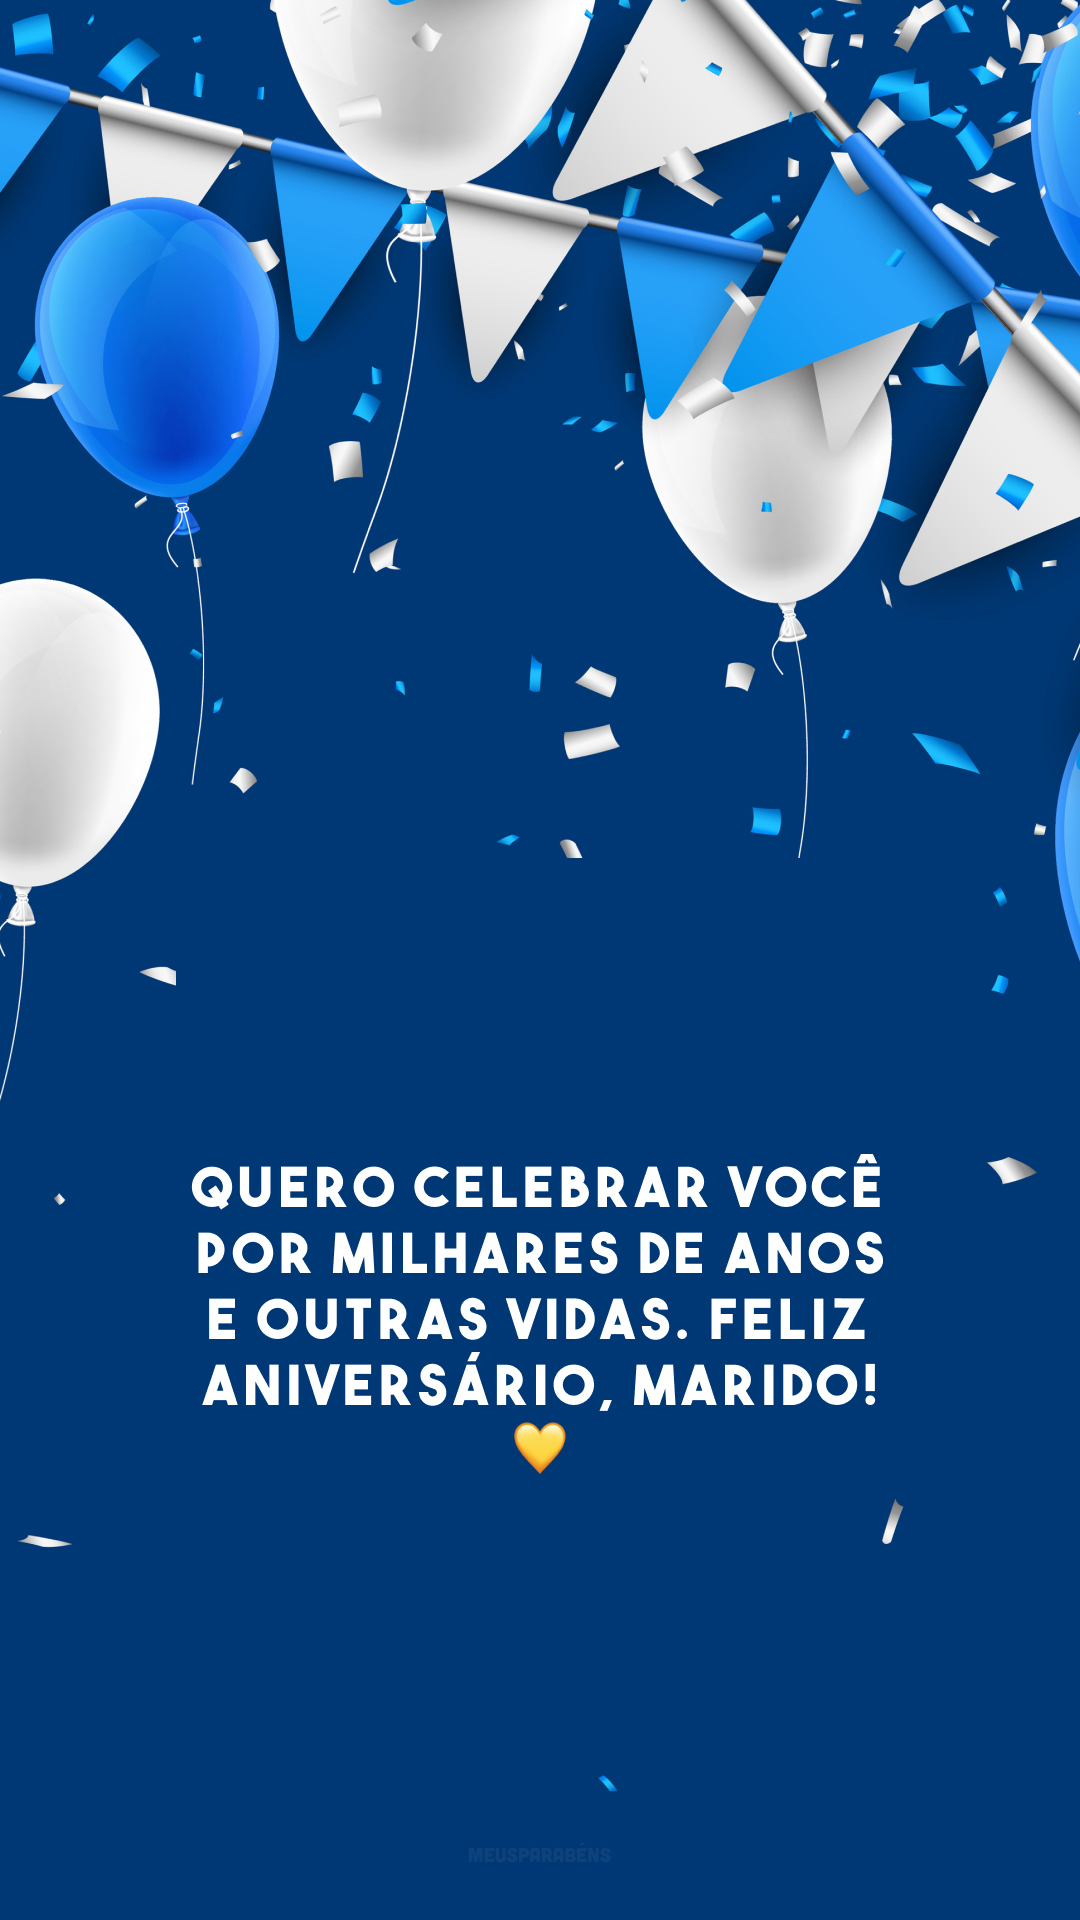 Quero celebrar você por milhares de anos e outras vidas. Feliz aniversário, marido! 💛